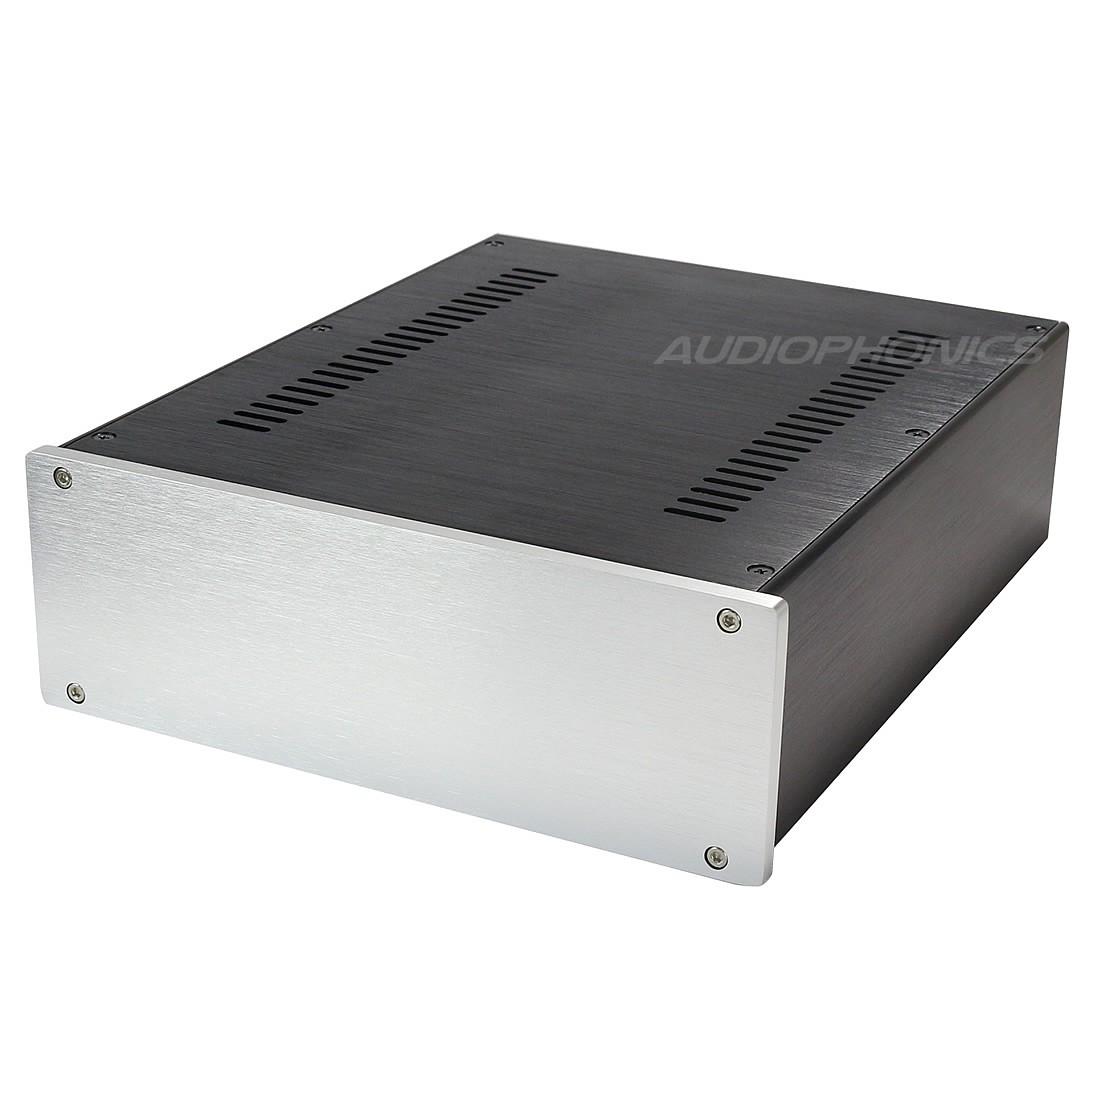 Boitier Aluminium façade Argent DIY 100% 260x249x90mm noir